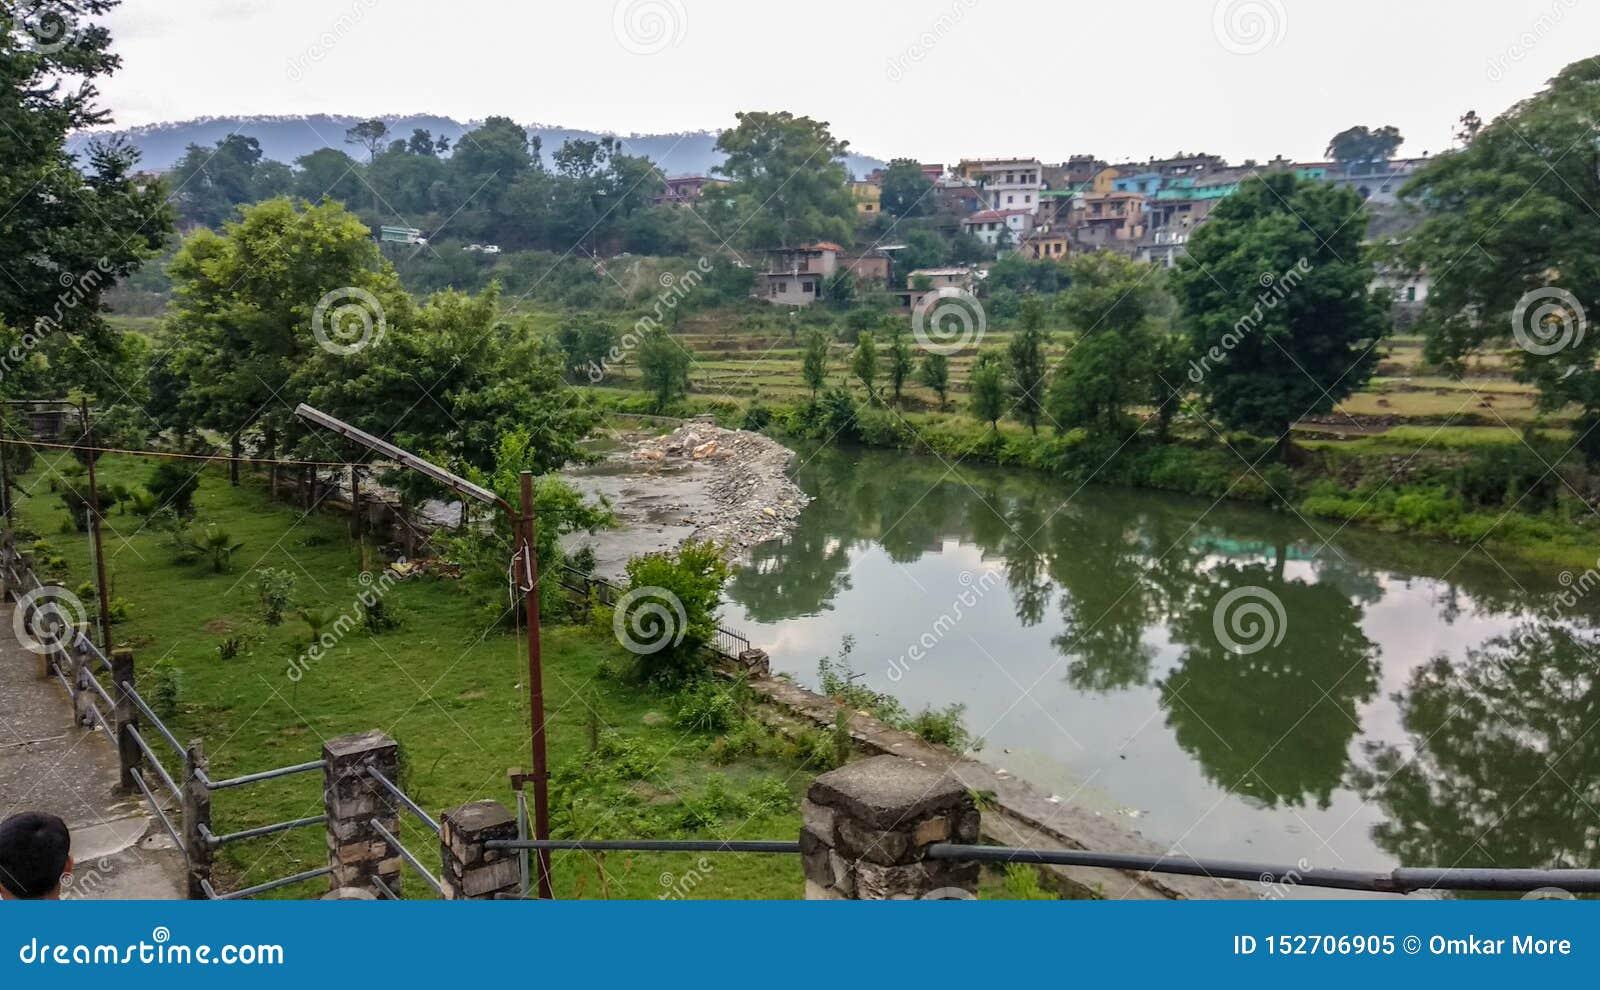 Beautiful natural view in Uttarakhand